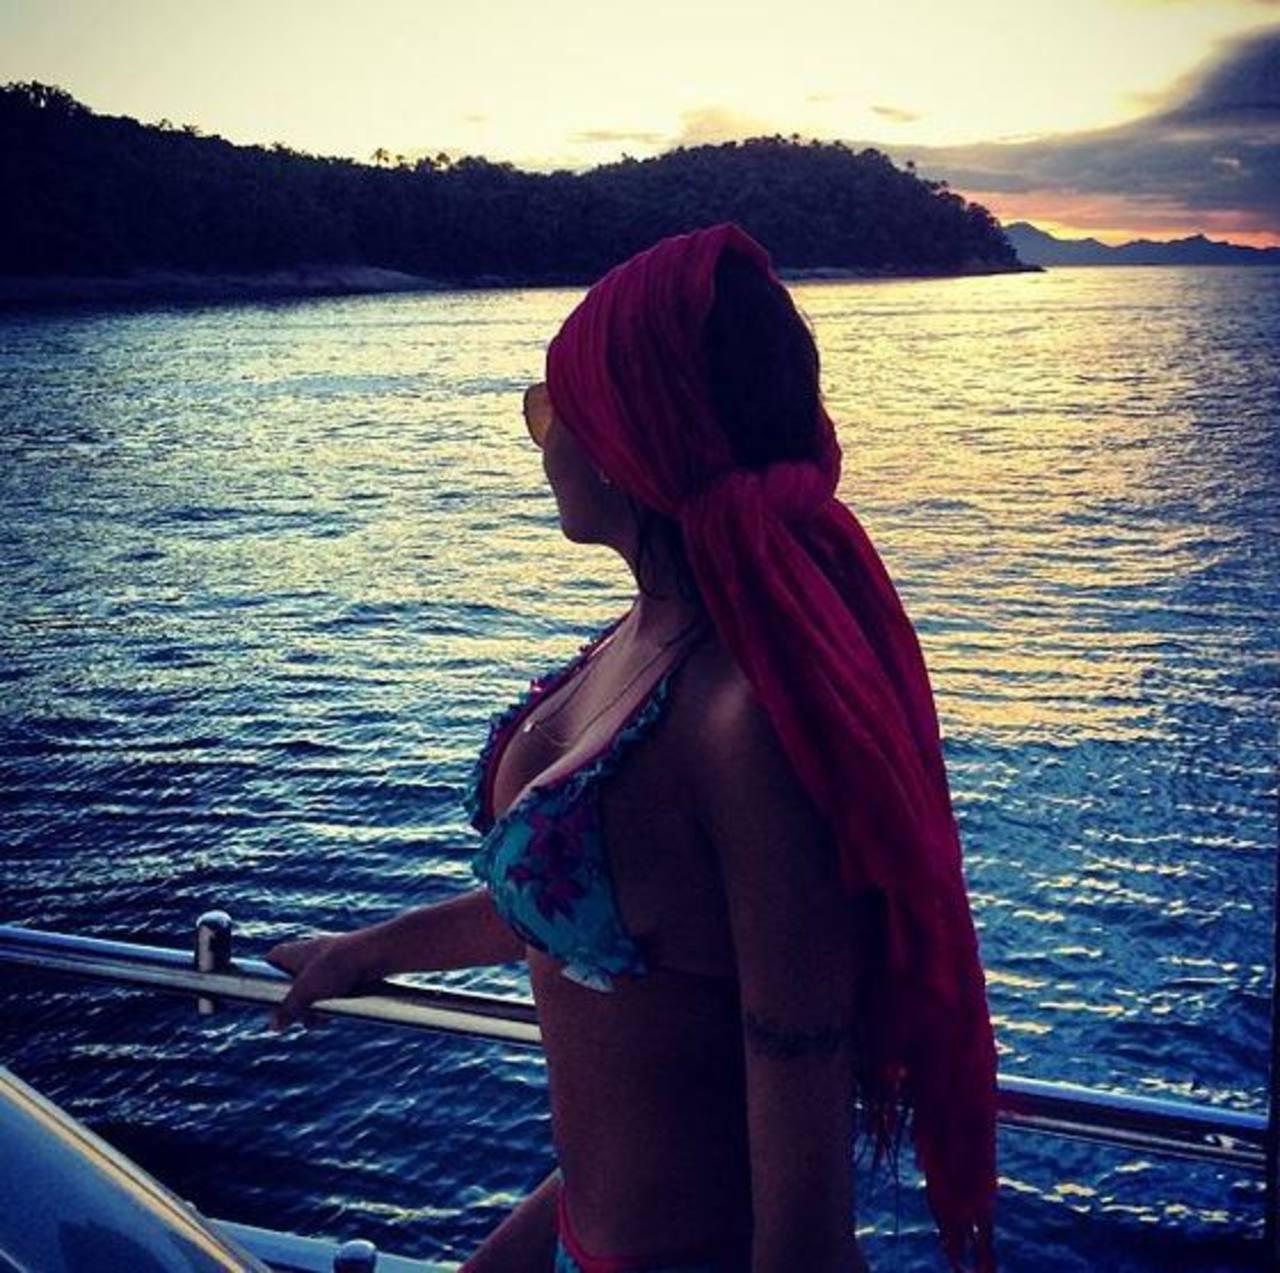 Fotos: Conoce a Rafaella Beckran, la bella hermana del astro brasileño Neymar